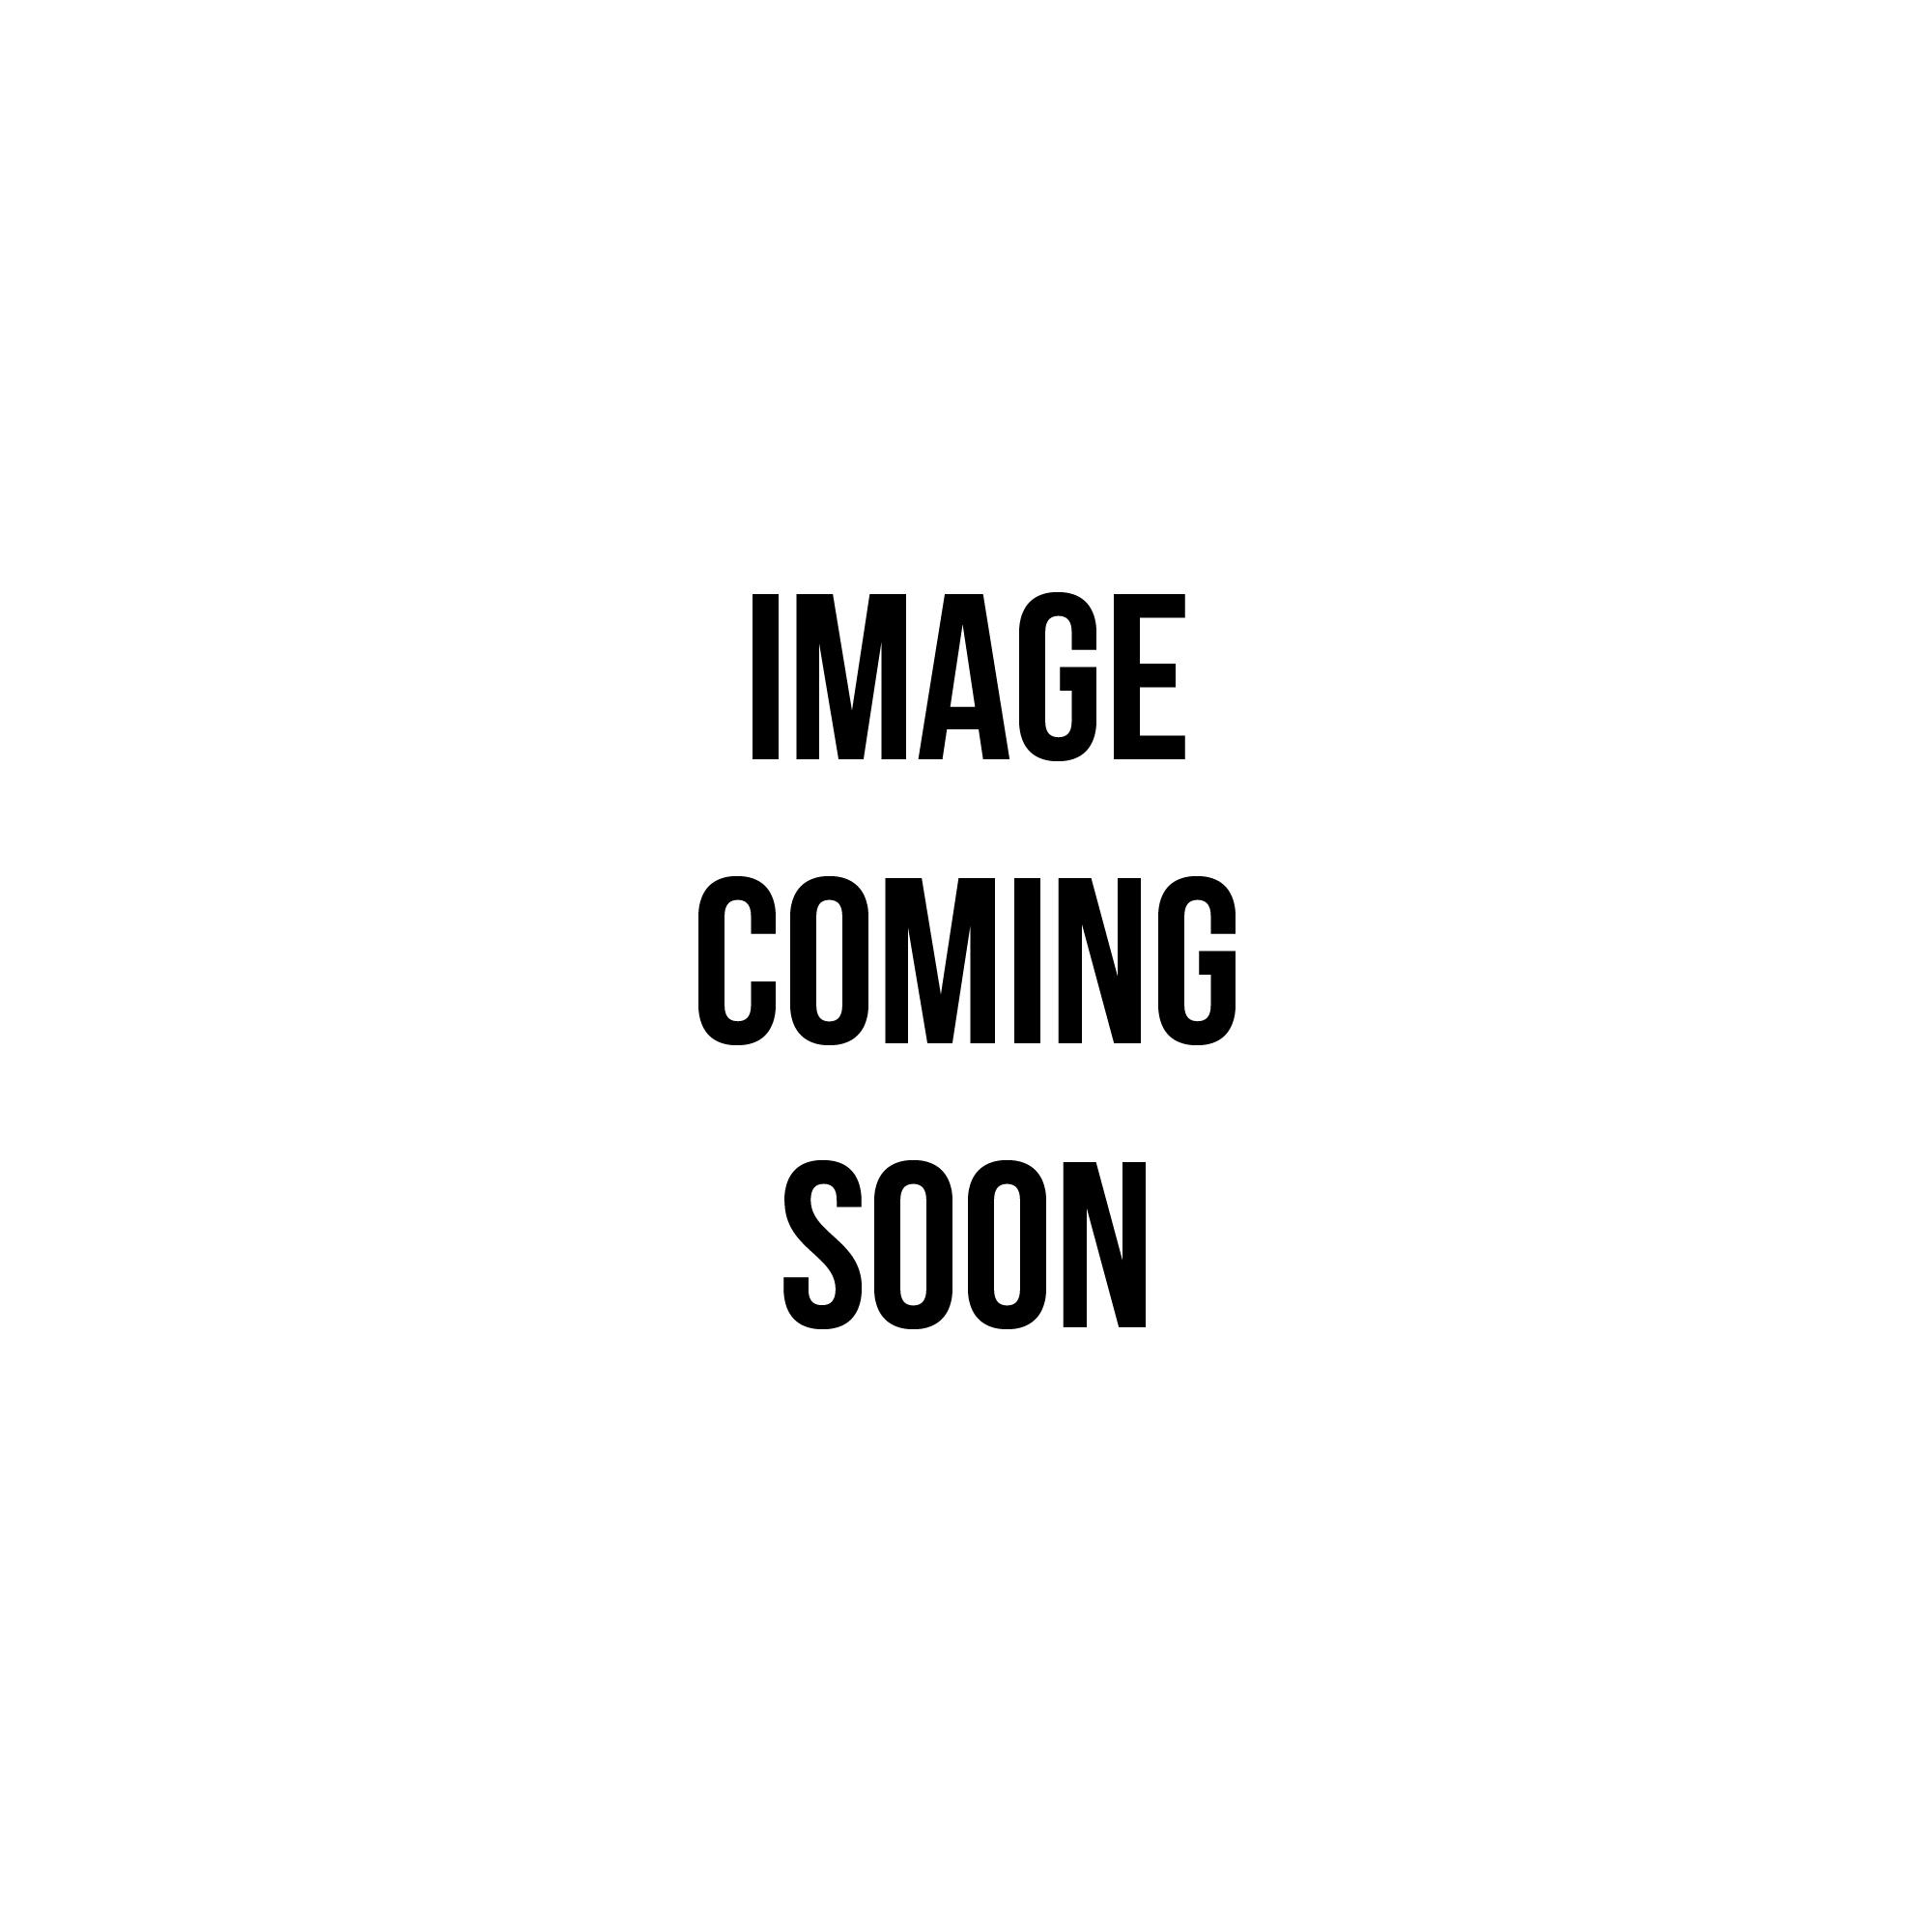 Air Jordan Retro 7 Bleu Clair jeu en Chine prix incroyable excellent réduction excellente Livraison gratuite Manchester ZhnnRtjm